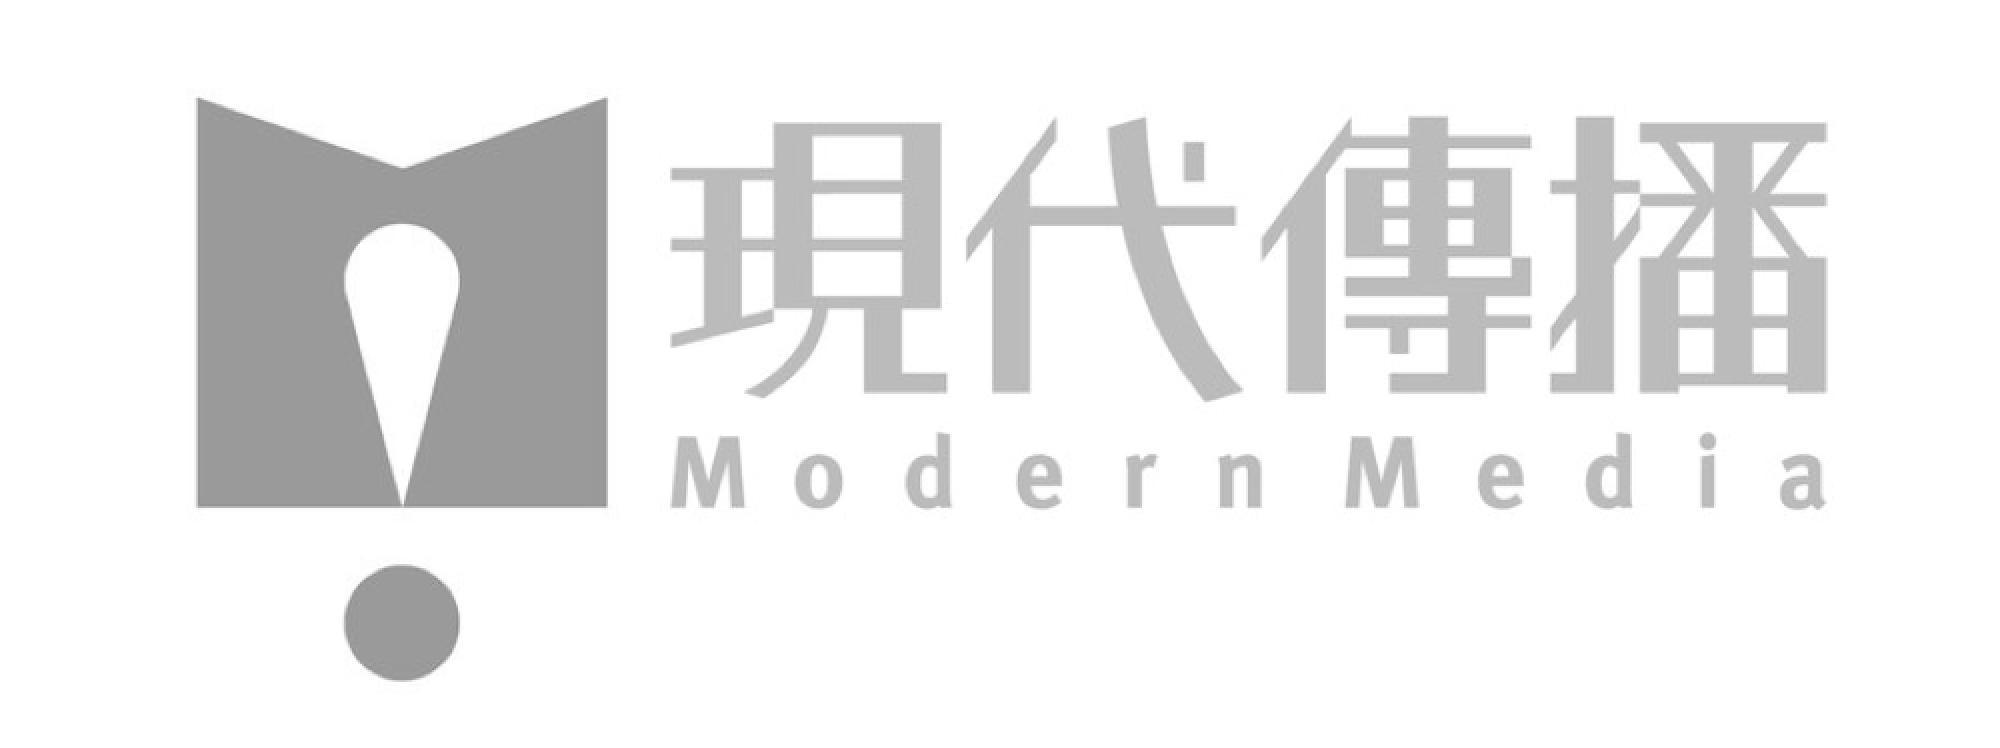 Modern media.jpg